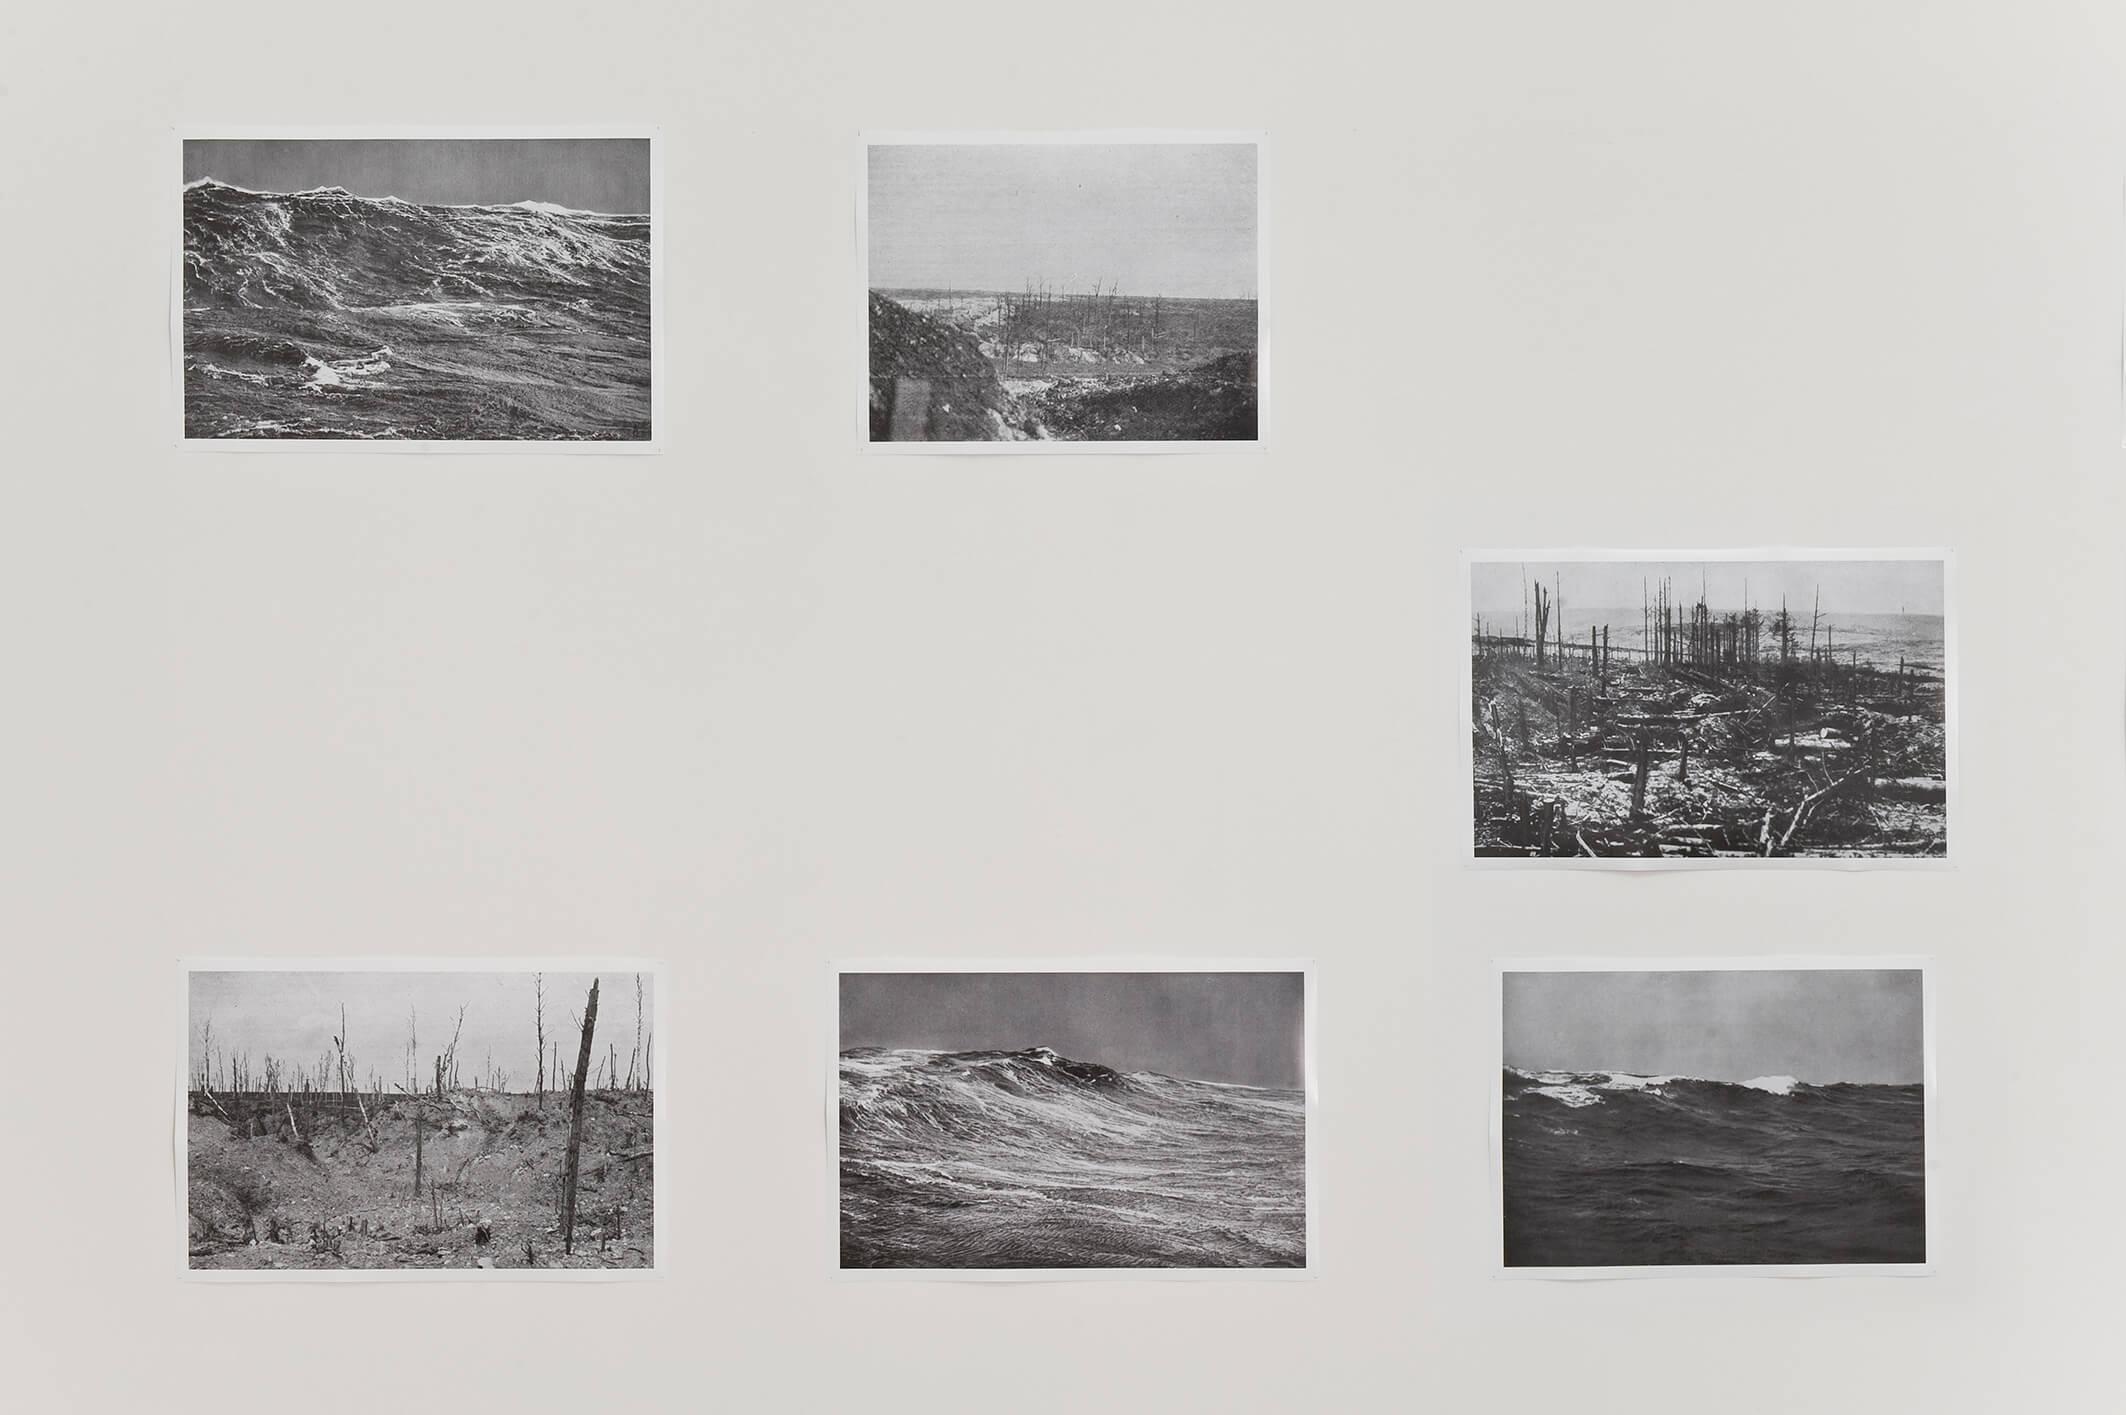 ImmerNoch Sturm (StillStorming), 2011(Group #3) | Immer Noch Sturm | ProjecteSD